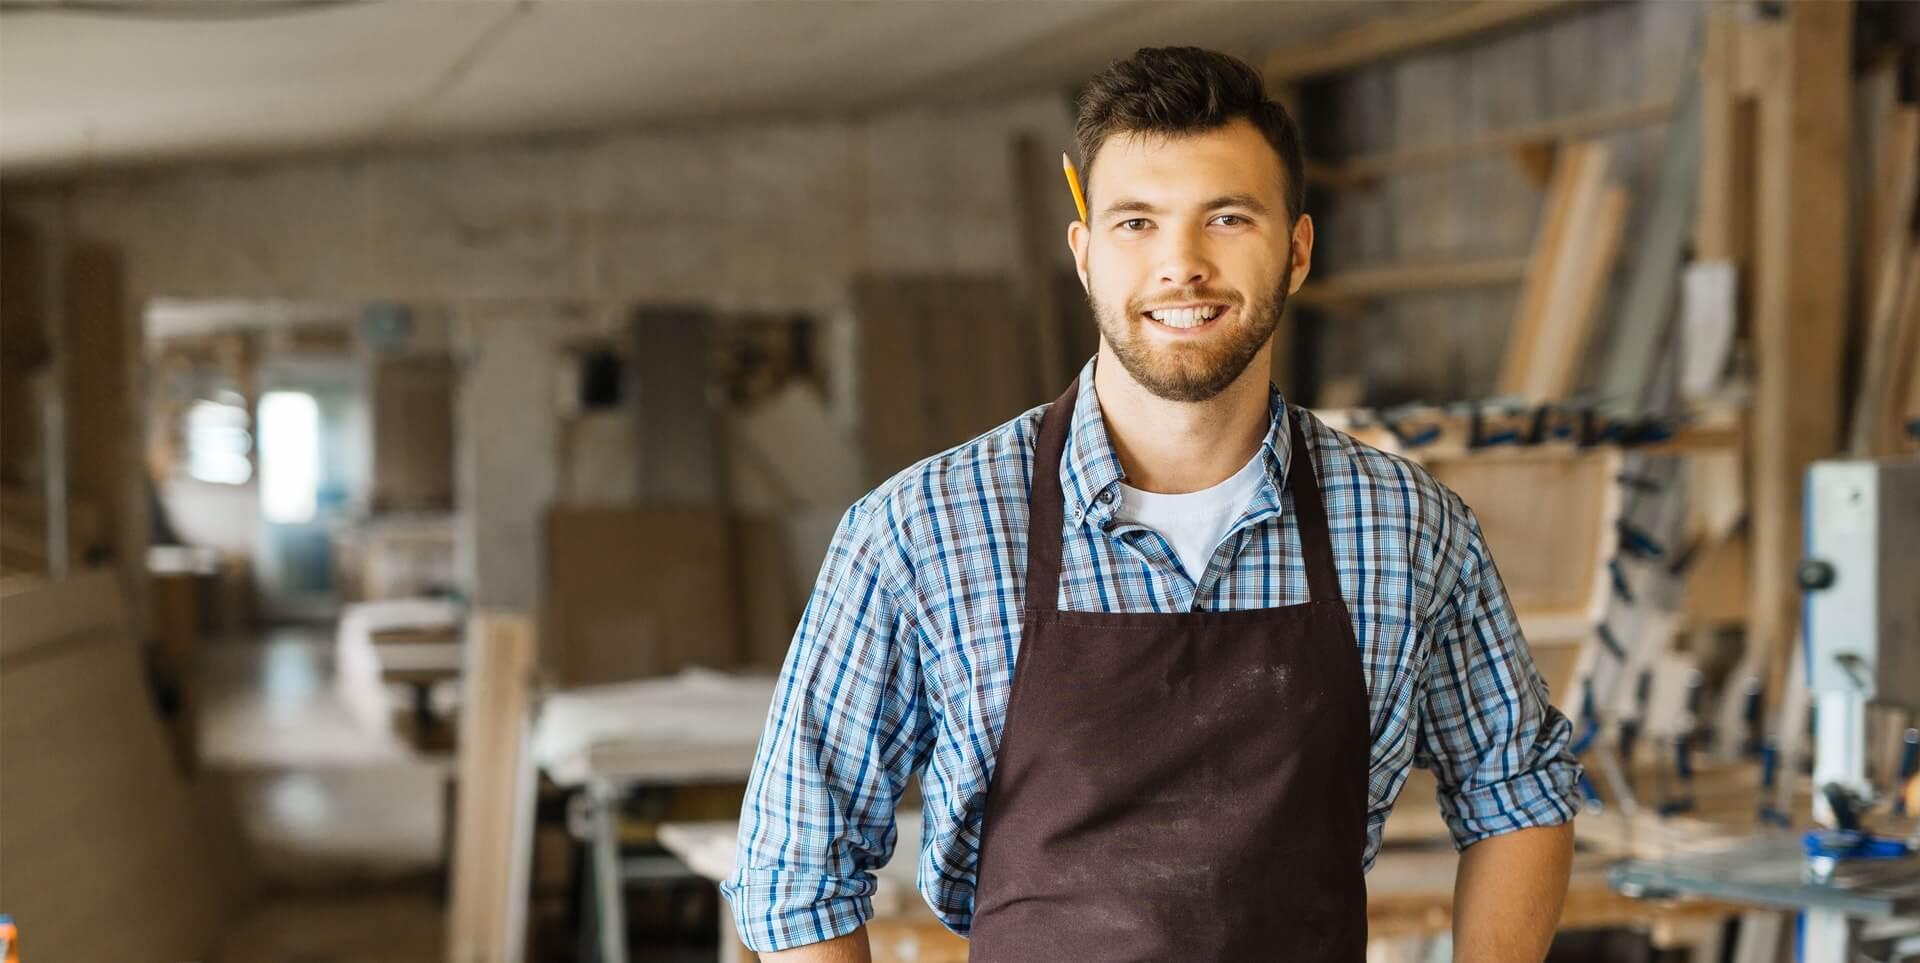 Wij helpen je aan een nieuwe d-job - Djobs Uitzendbureau